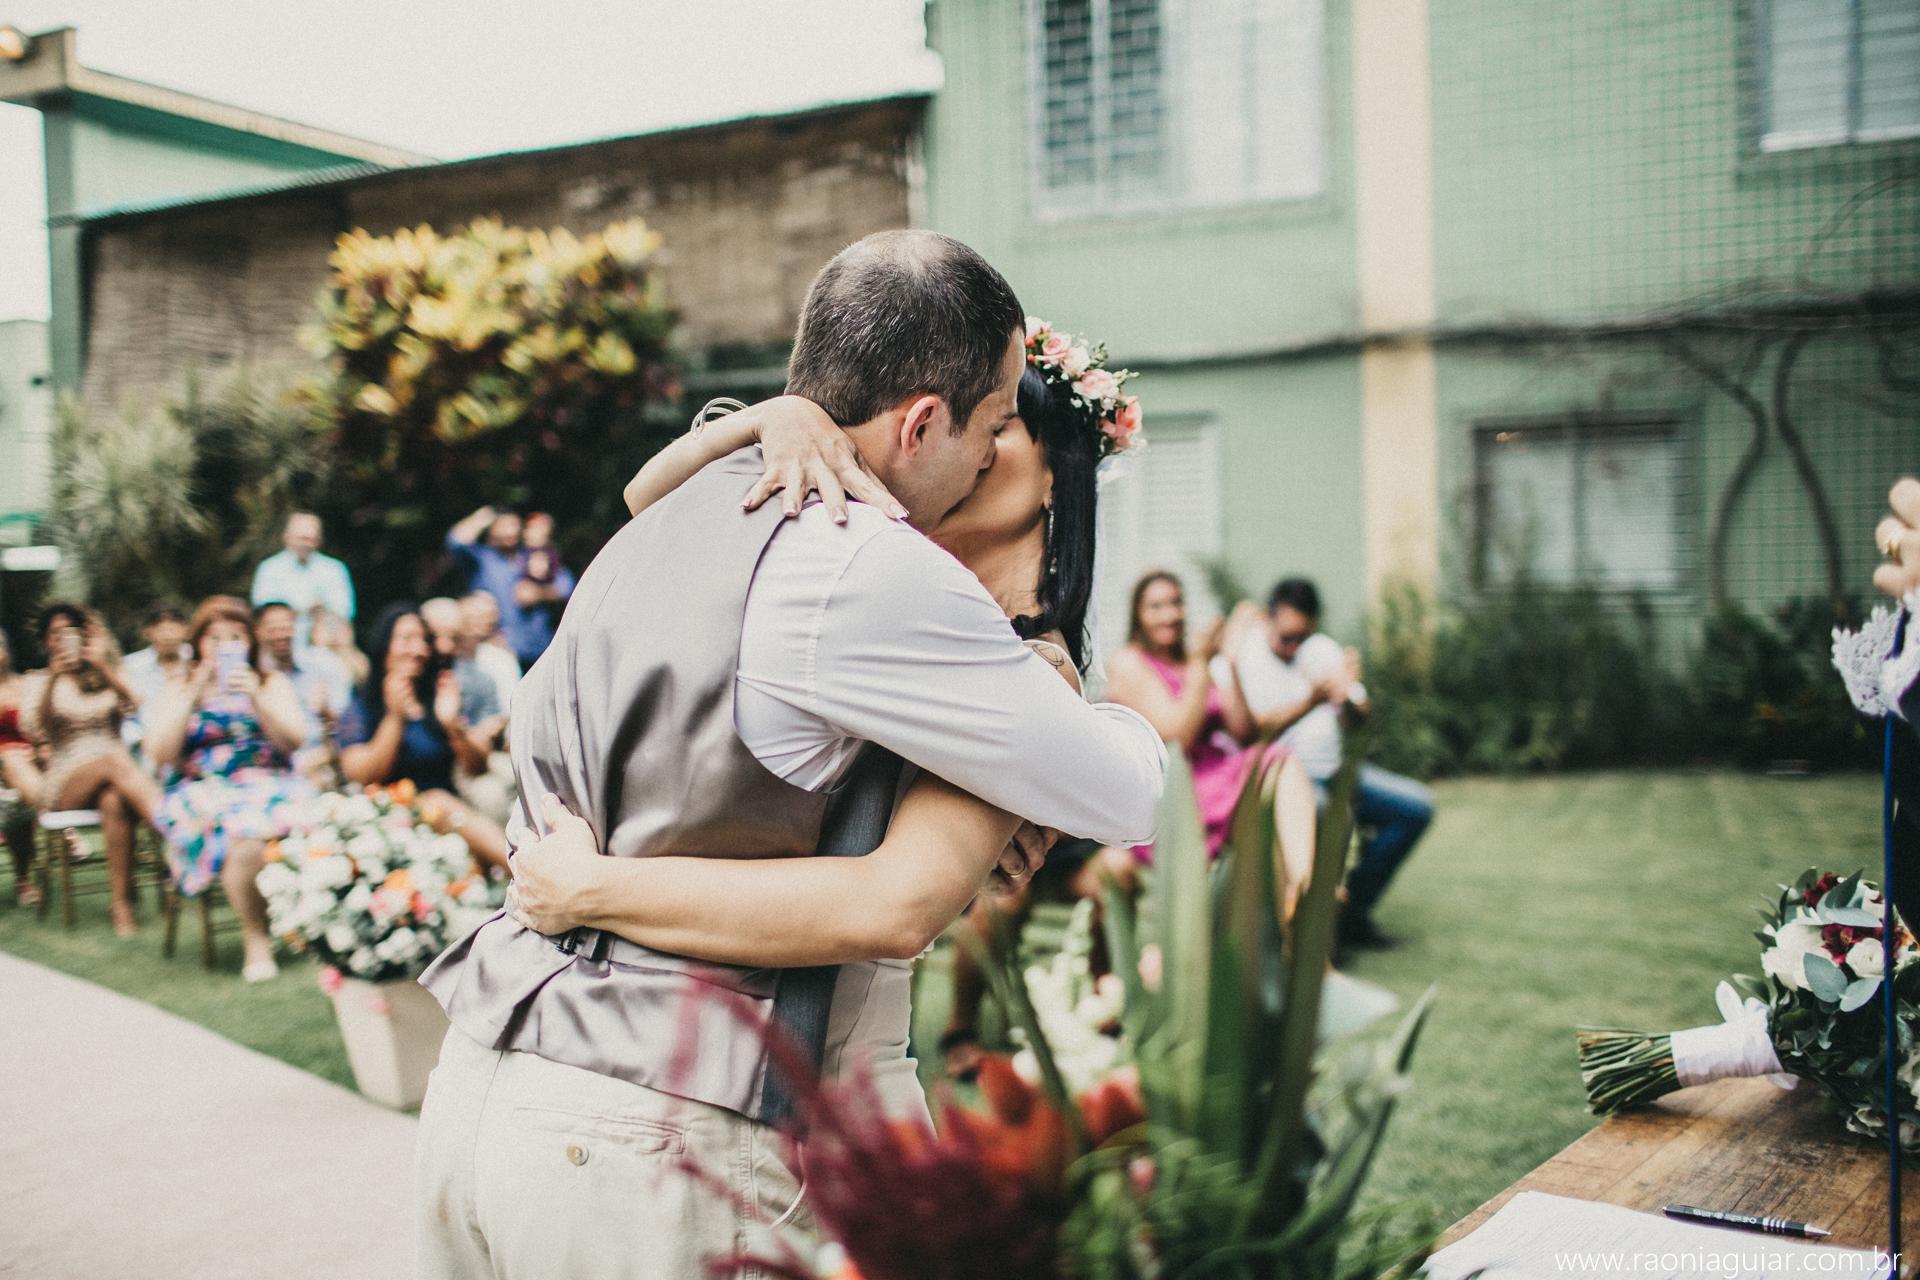 2019.02 Casamento Sabrina e Rafael 0228 - Copia.jpg